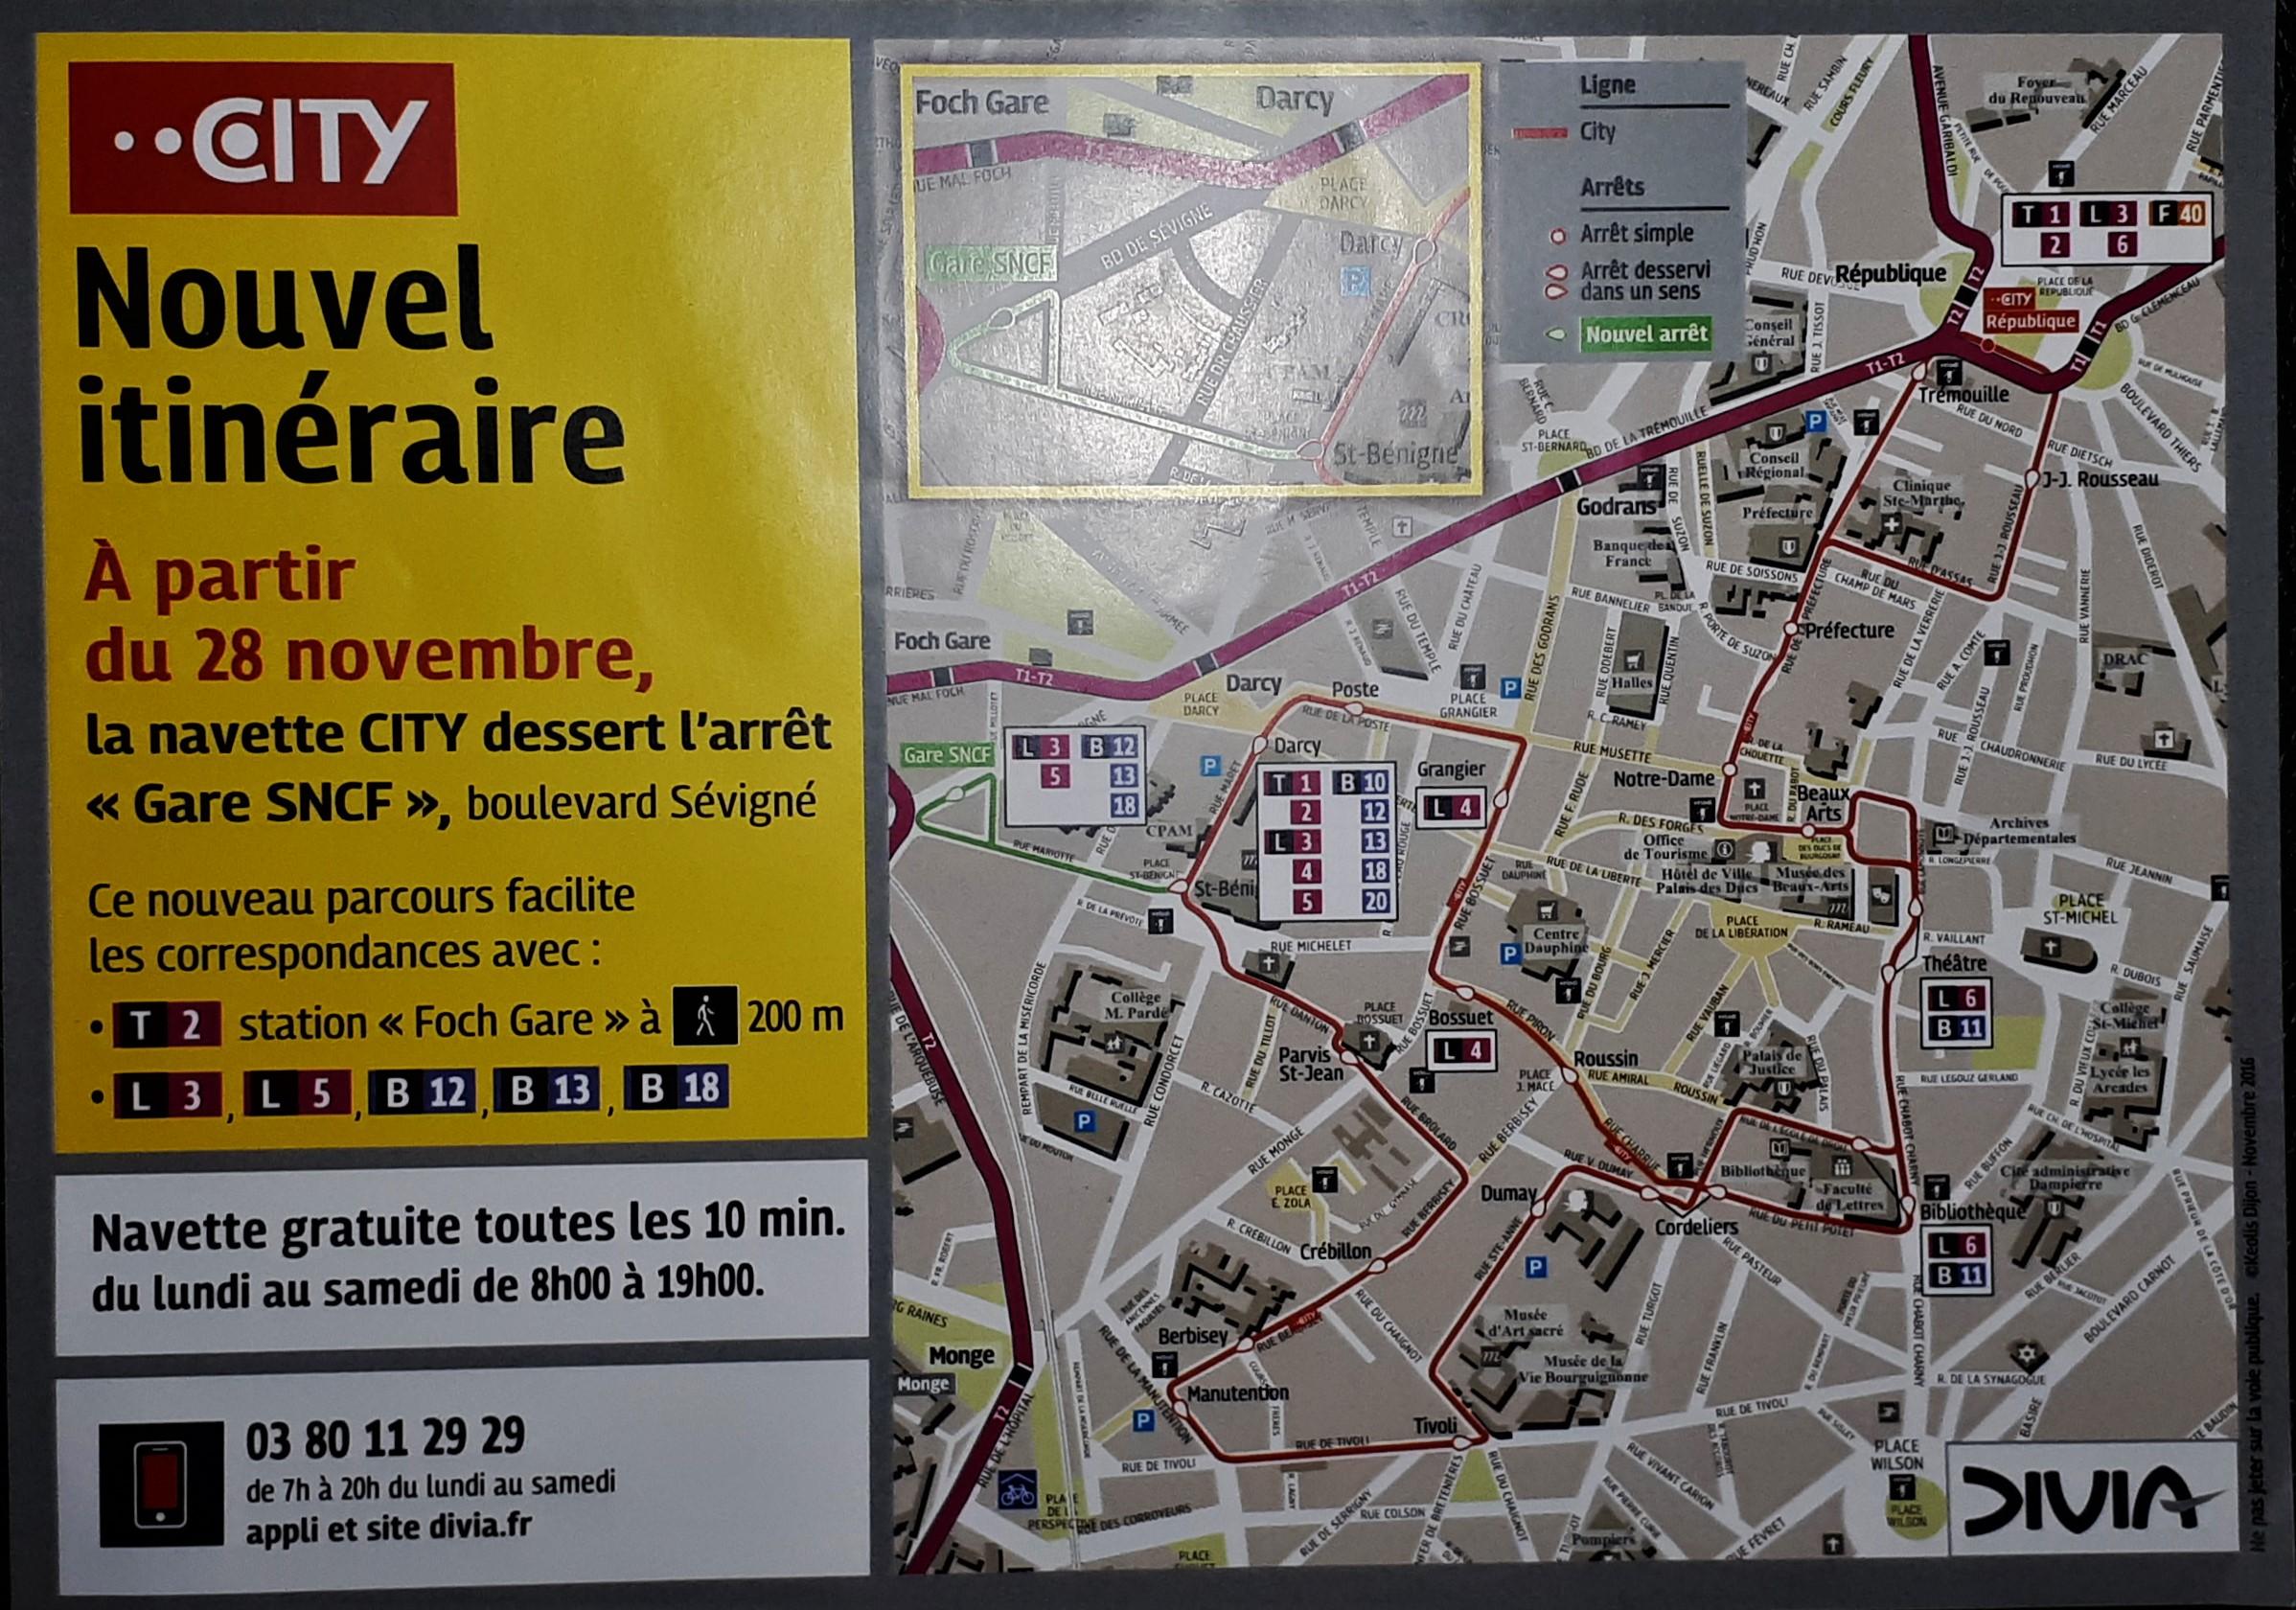 Divia City 12 2017 (3)